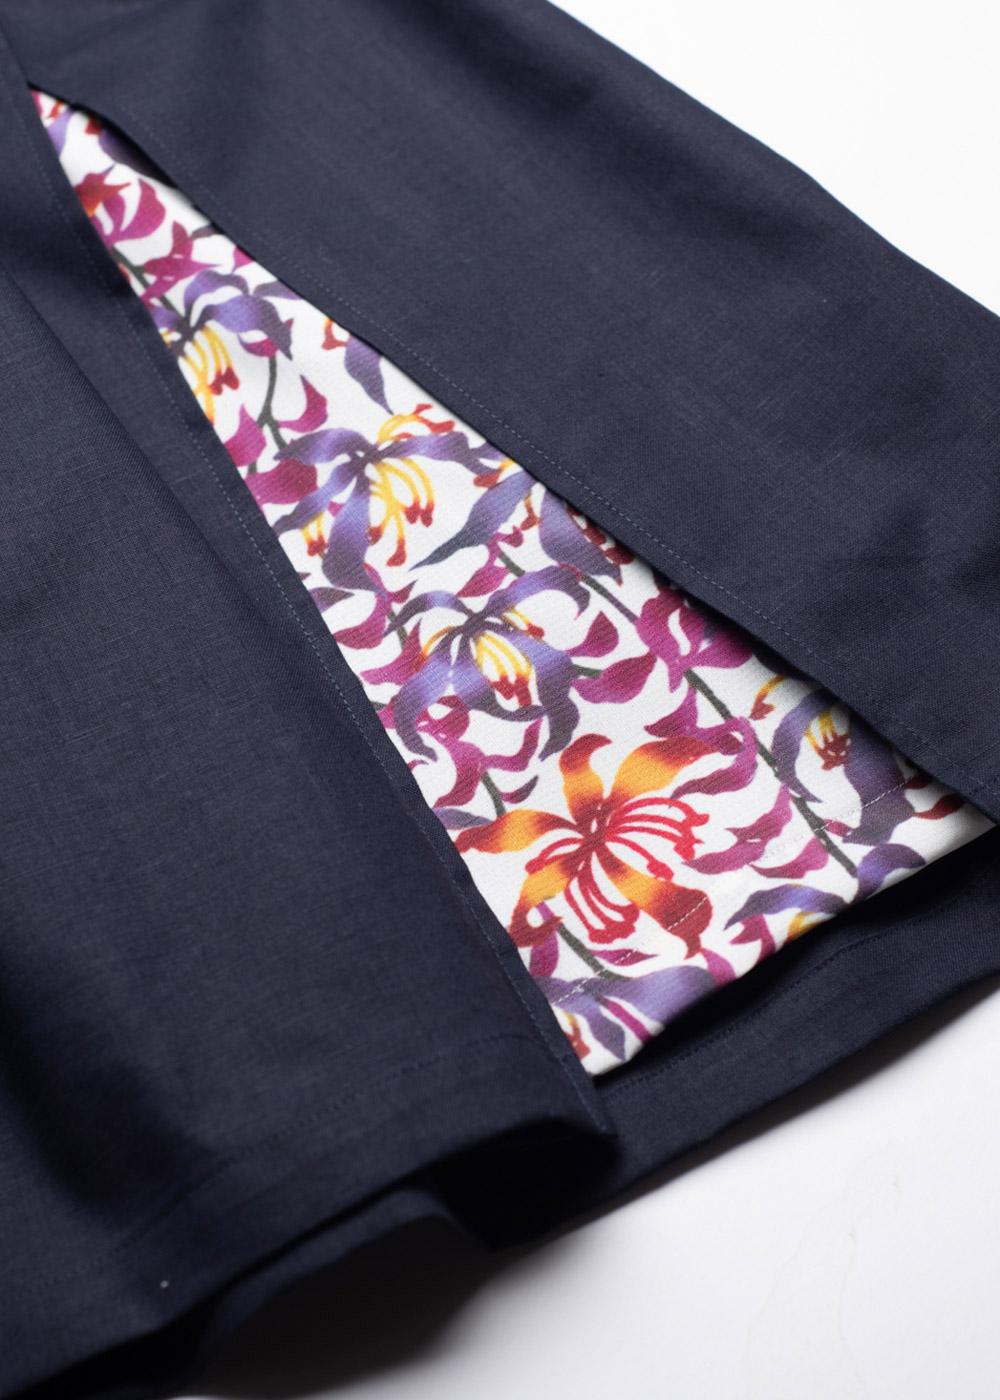 かりゆしウェア(沖縄版アロハシャツ) MAJUN - 琉球グローリア(キッズワンピース)